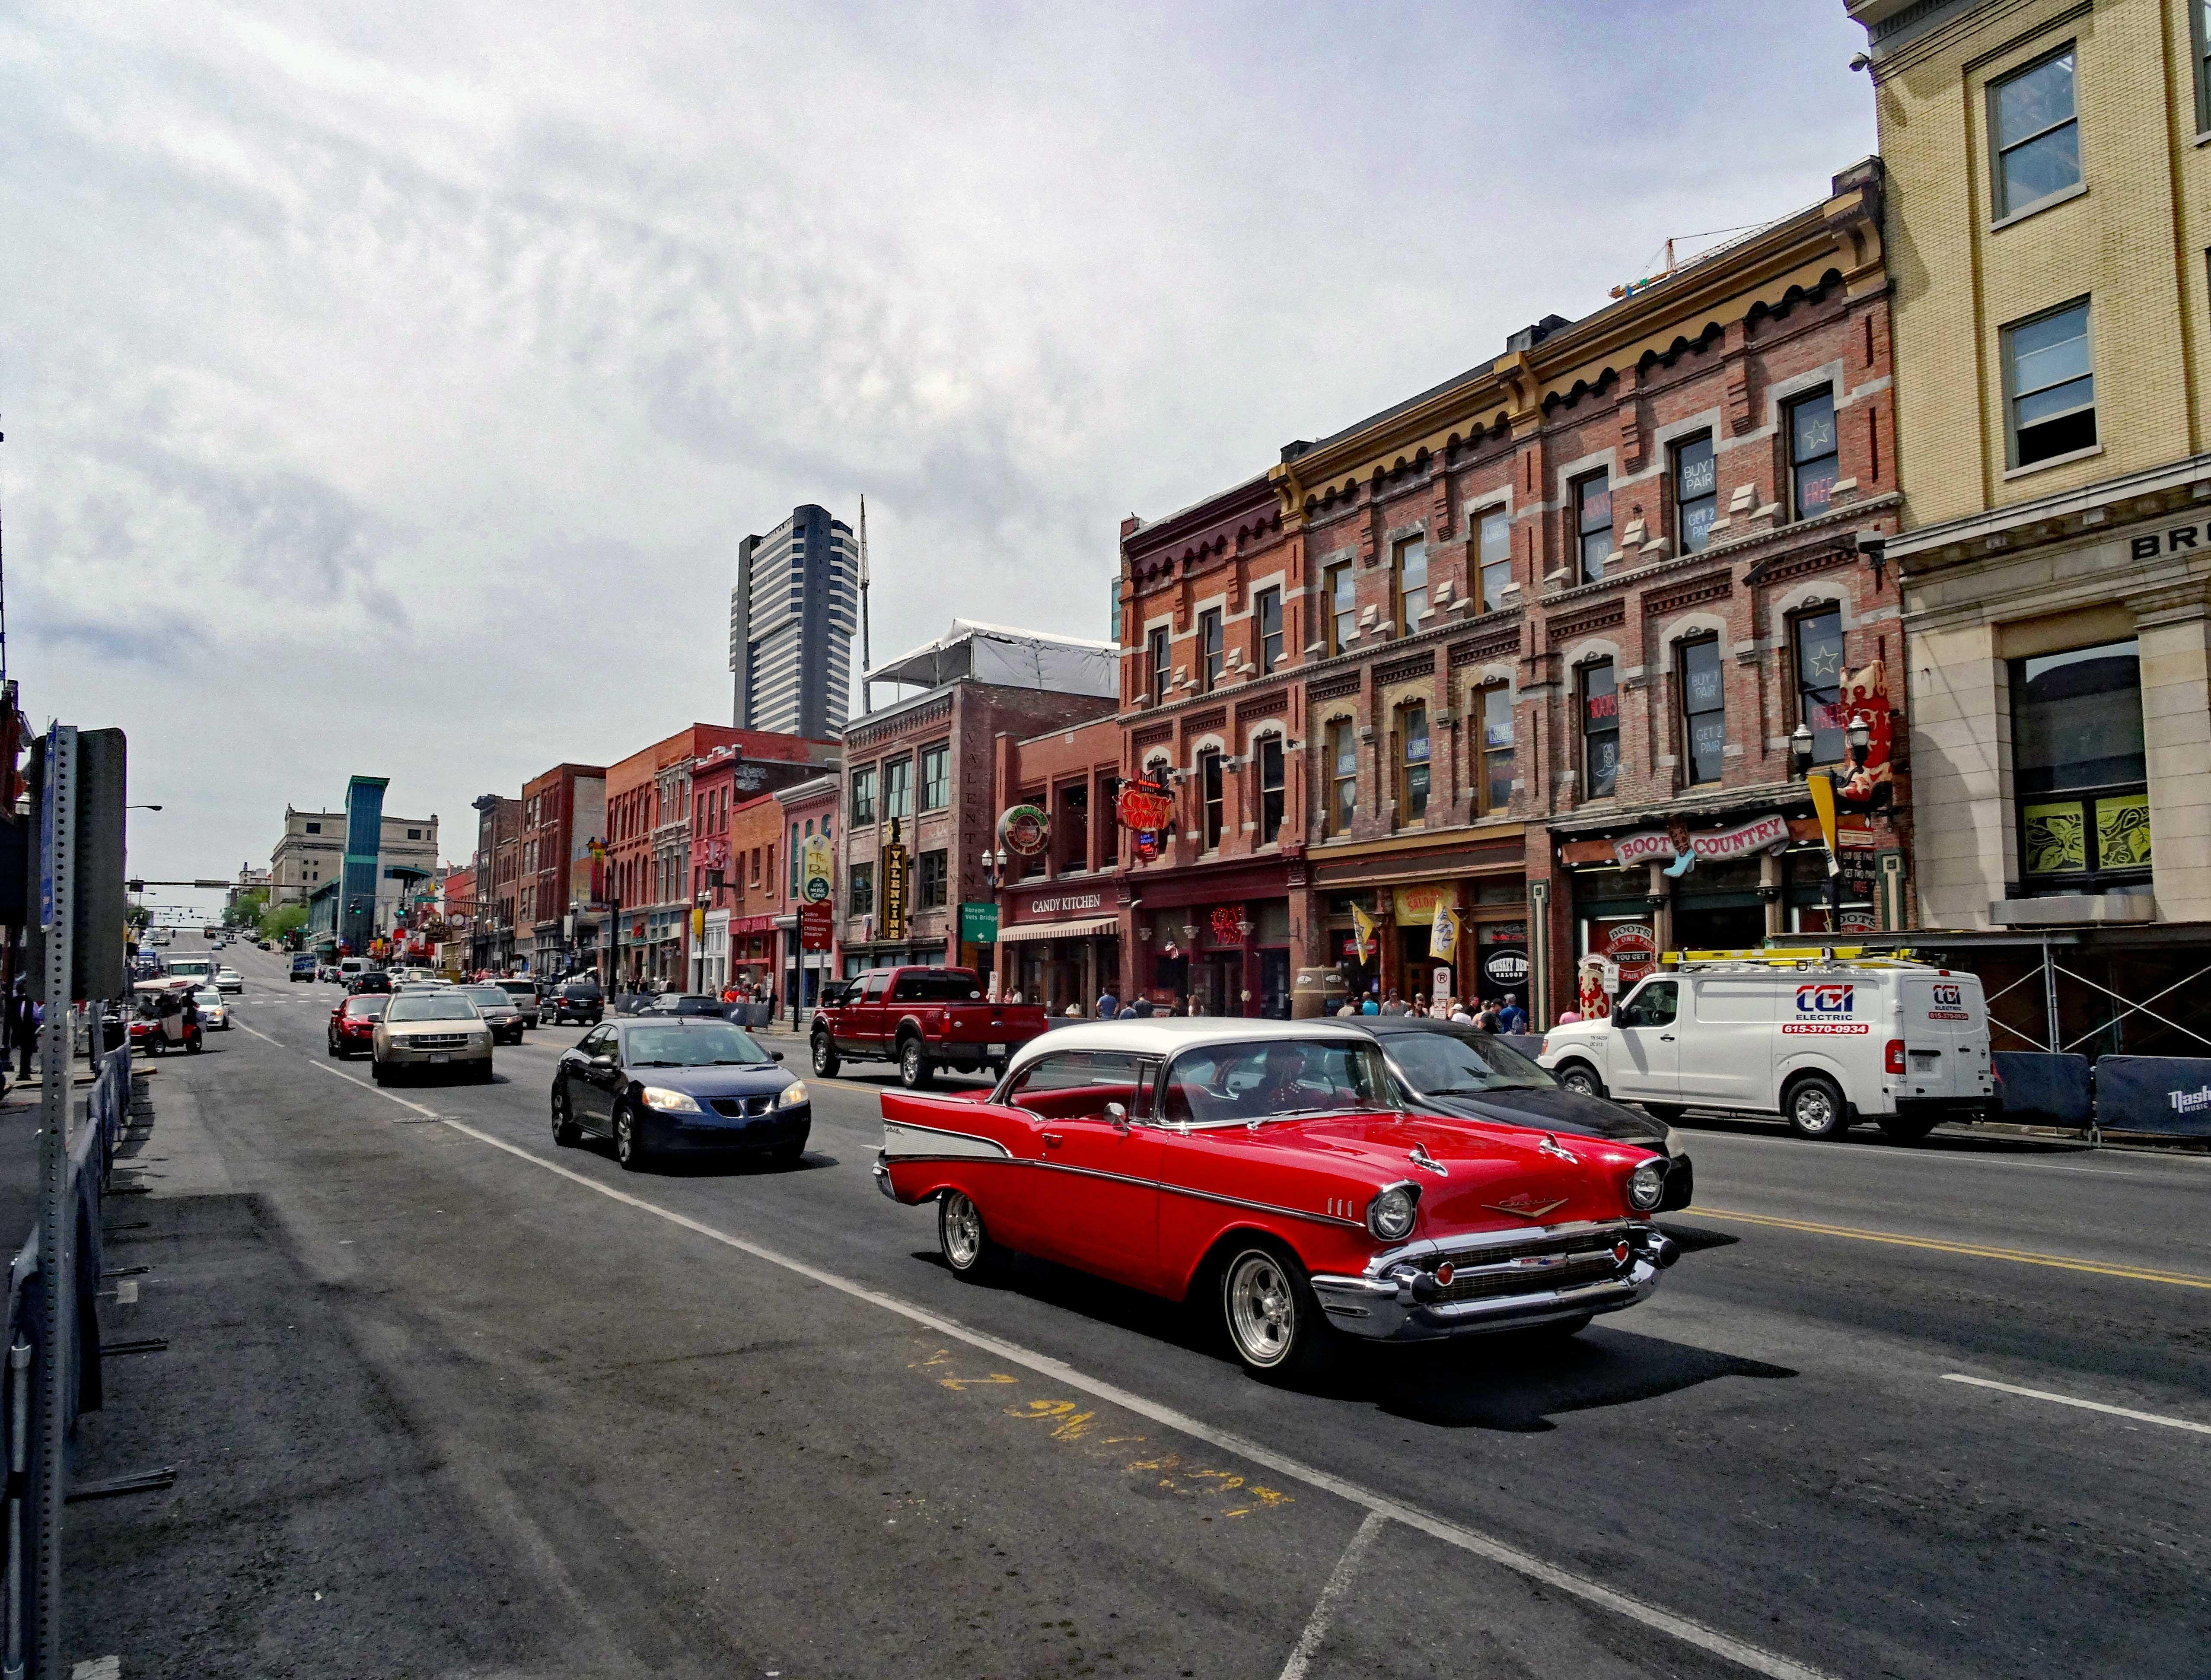 Motoglobe_Motorradreisen. Viele Autos fahre auf dem Broadway in Nashville, Tennessee, USA